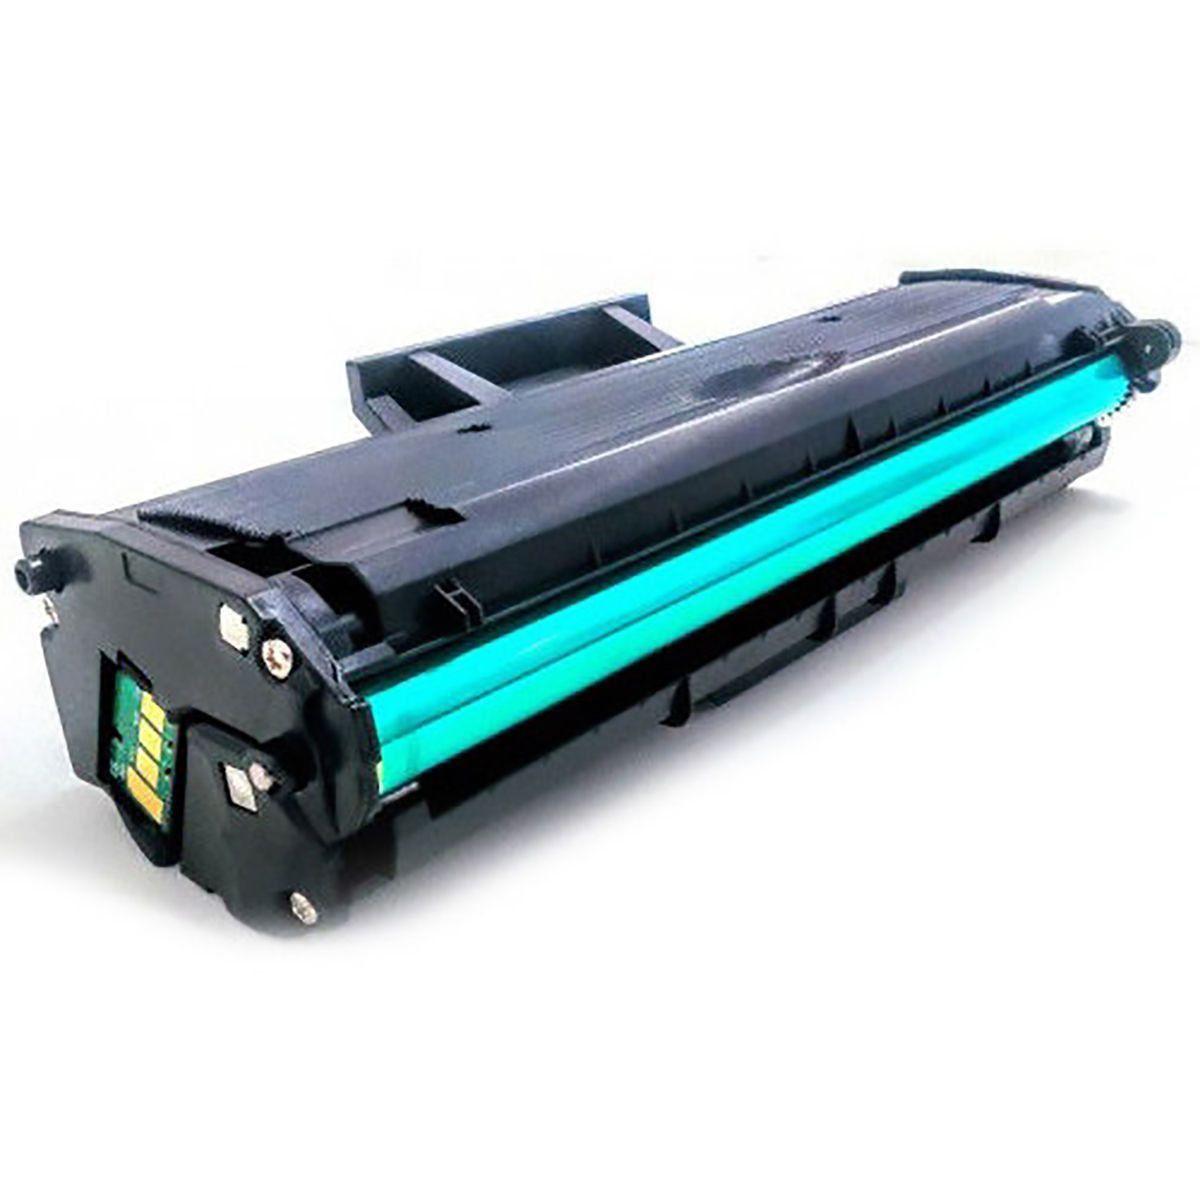 Compatível: Toner para impressora Samsung SL-M2070w M2070fw M2070 M-2070w M-2070 M-2070fw / Preto / 1.000